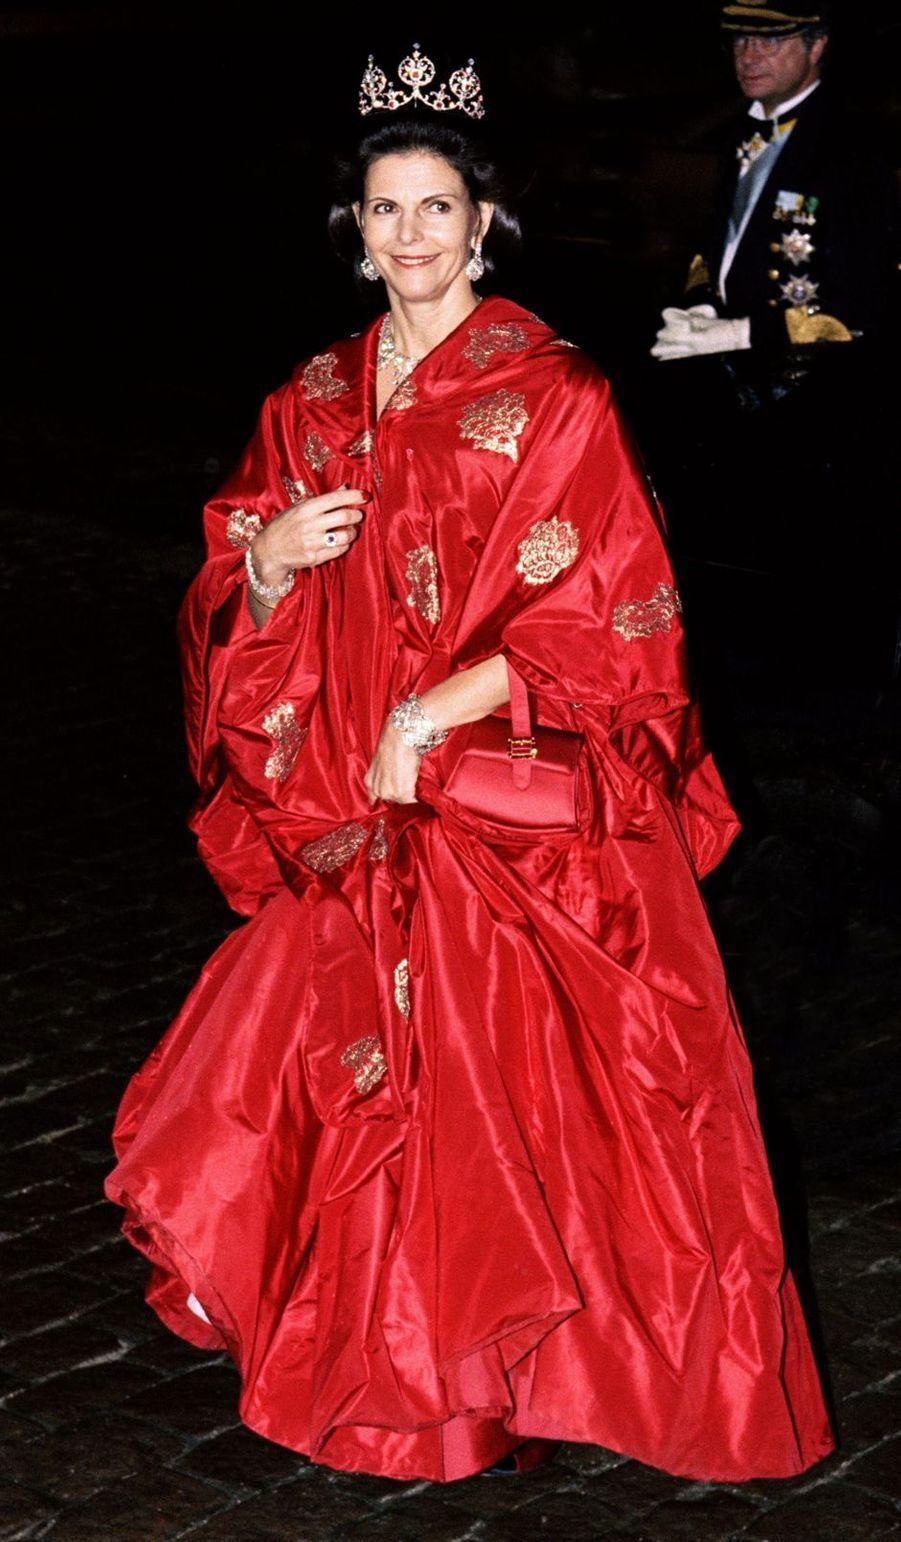 La reine Silvia de Suède à Frederiksborg, le 18 novembre 1995